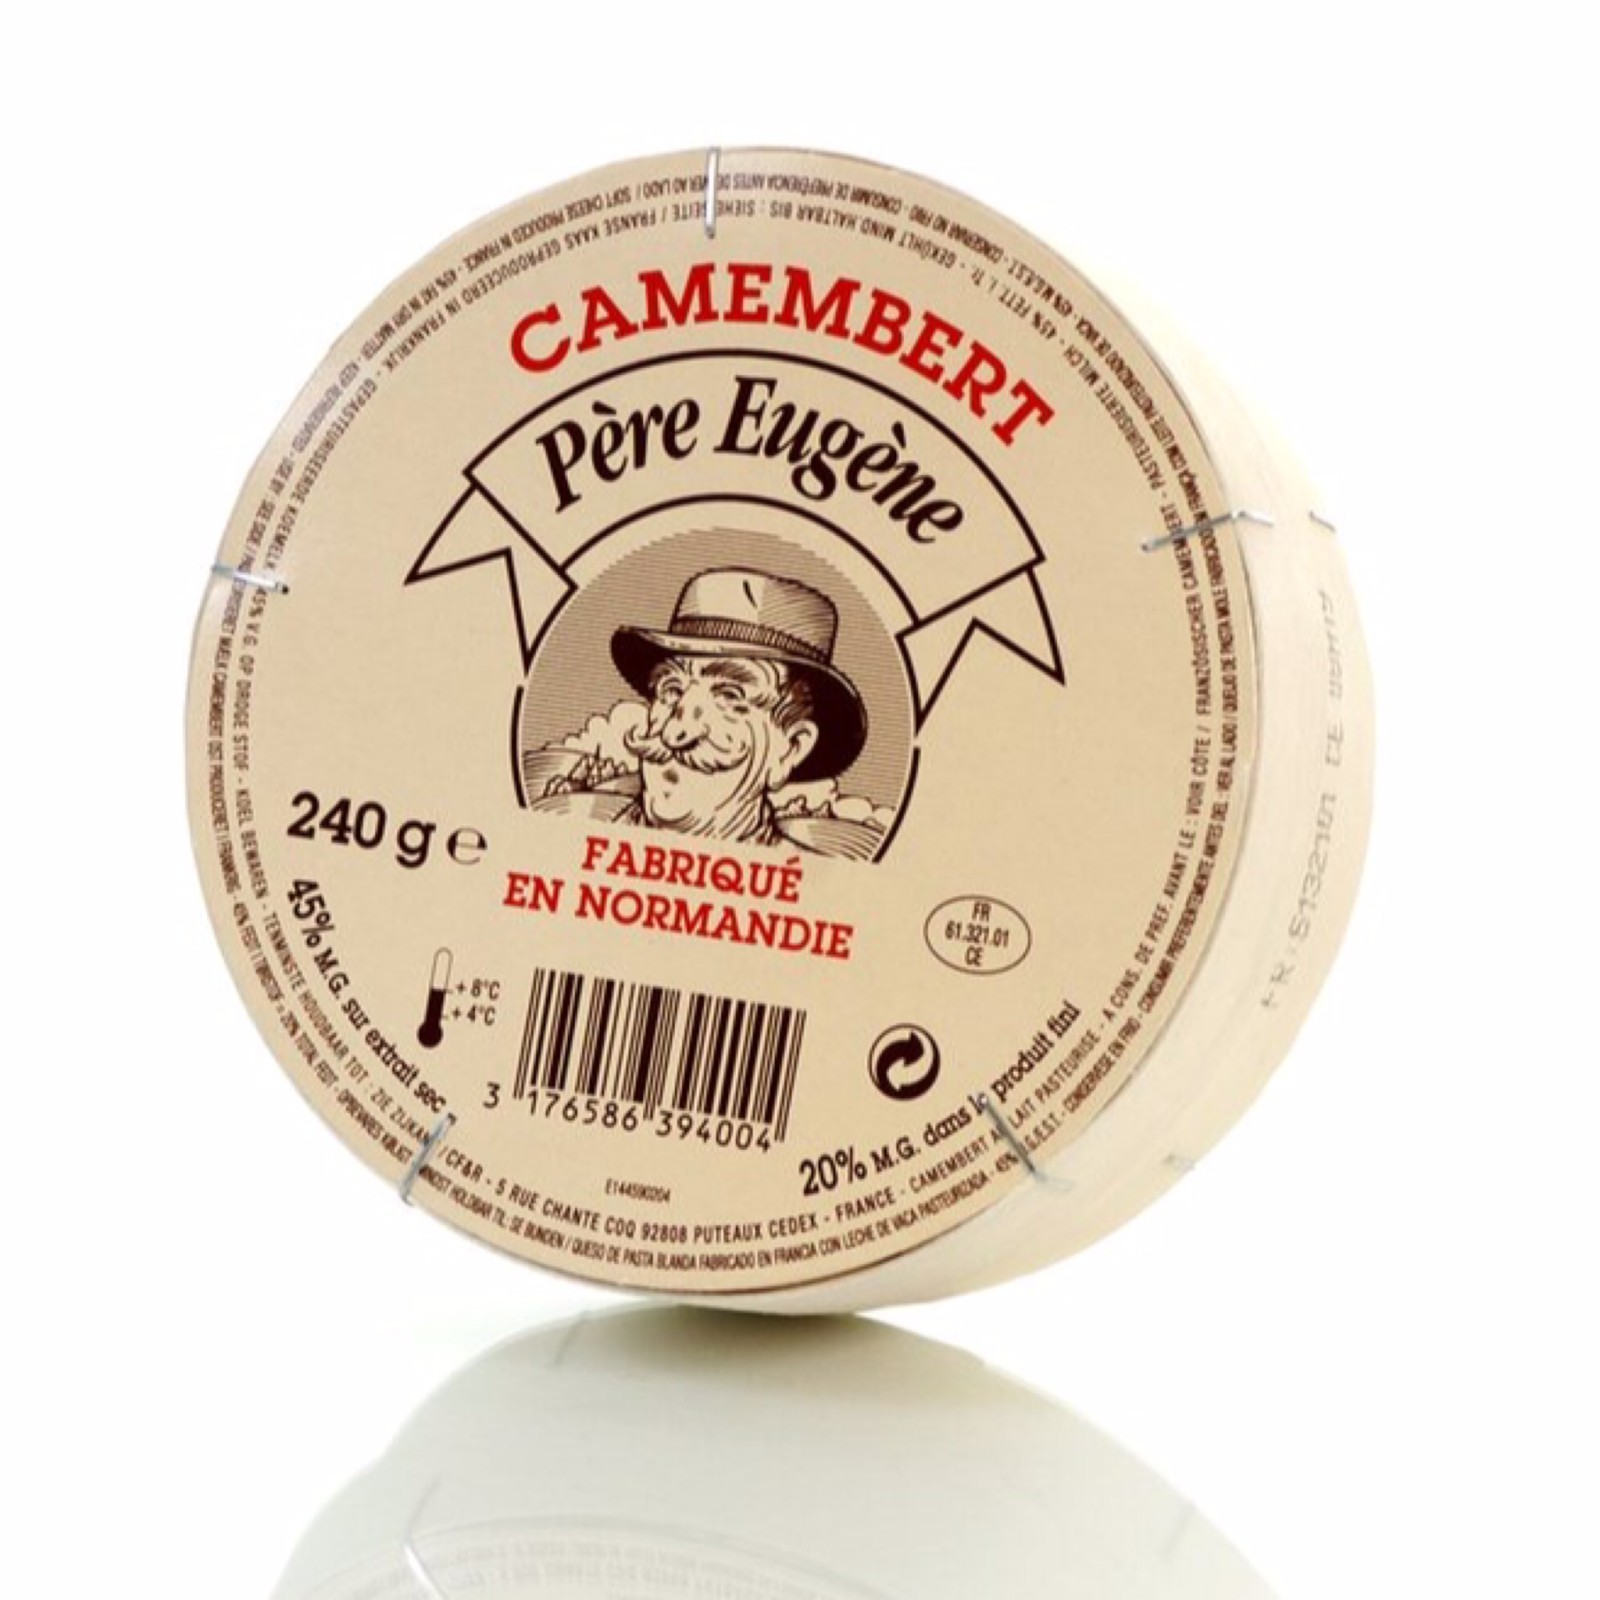 Camembert Pere Eugene 240g